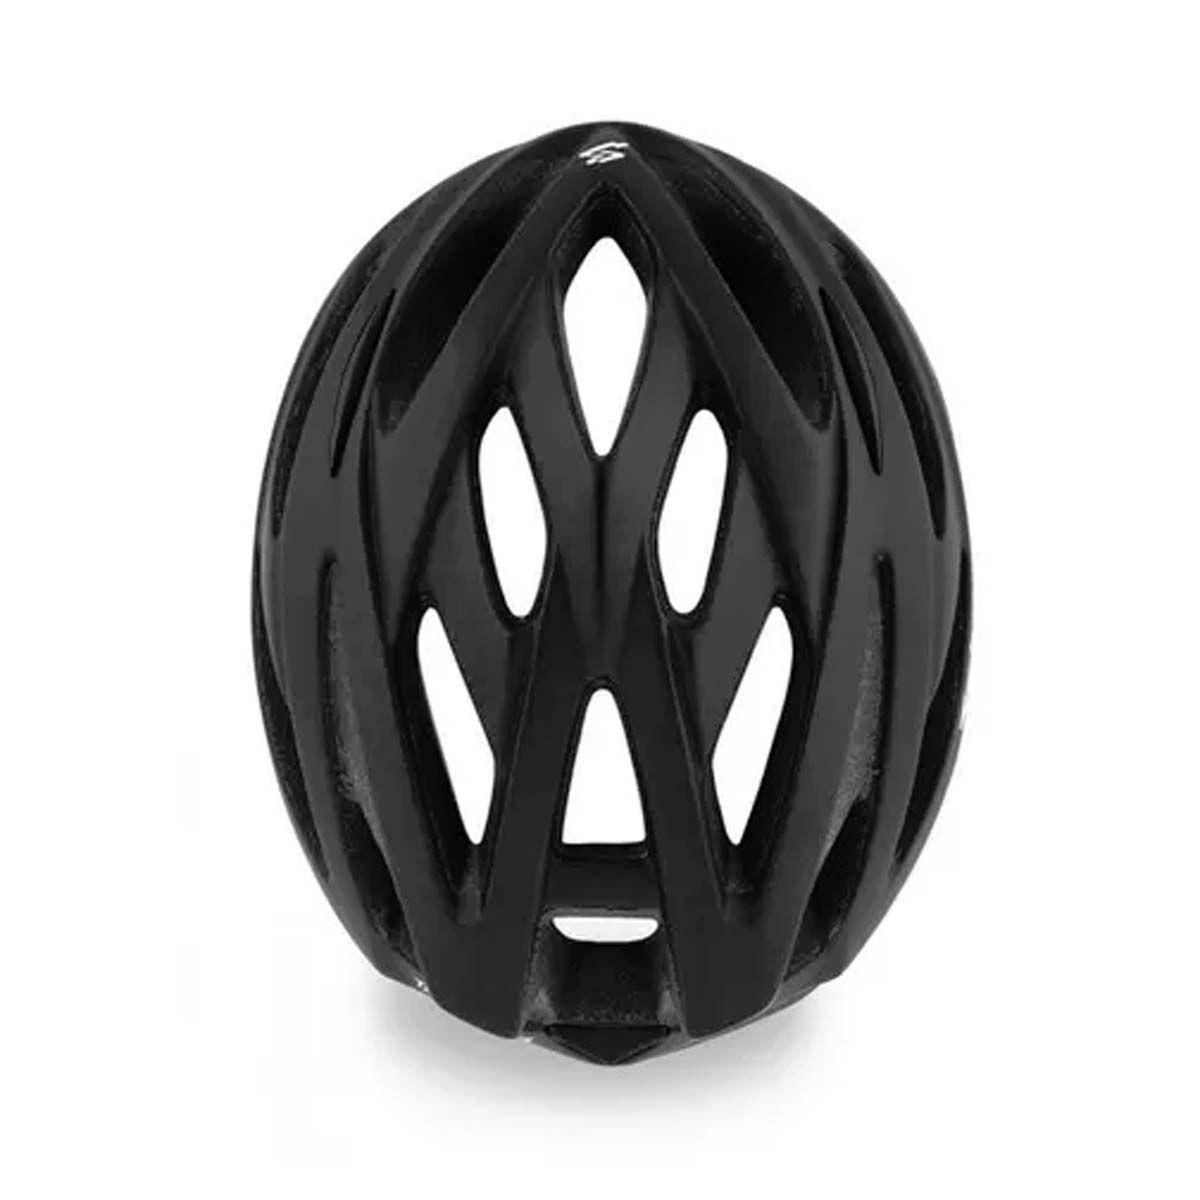 Capacete Ciclismo Spiuk Tamera Lite Preto Fosco Tam 58-62cm